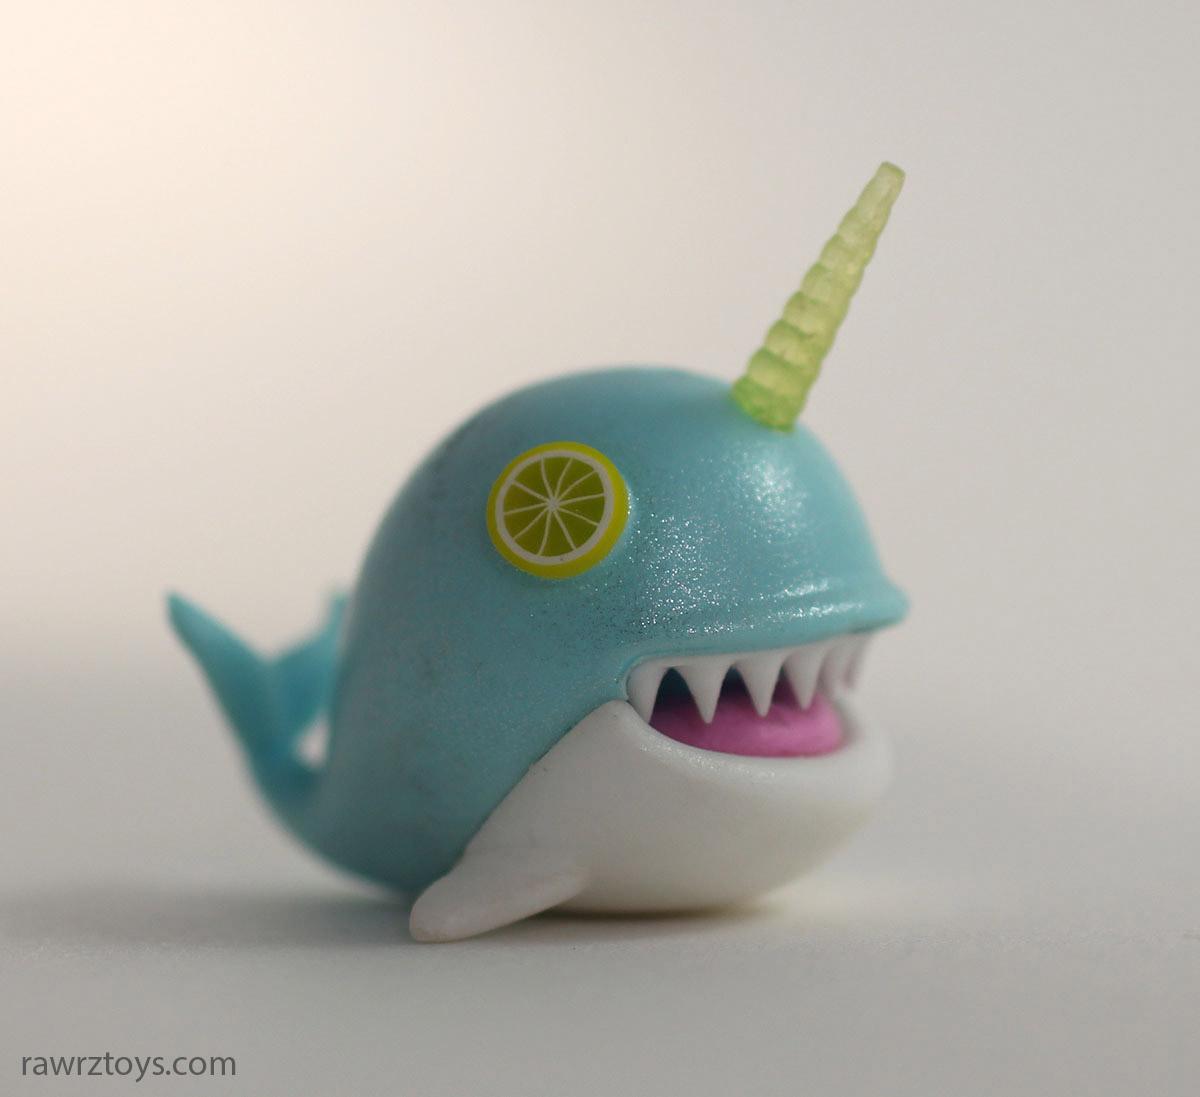 Lemon Shark Toys : Rawrz toys teal narwhal with lemon eyes online store